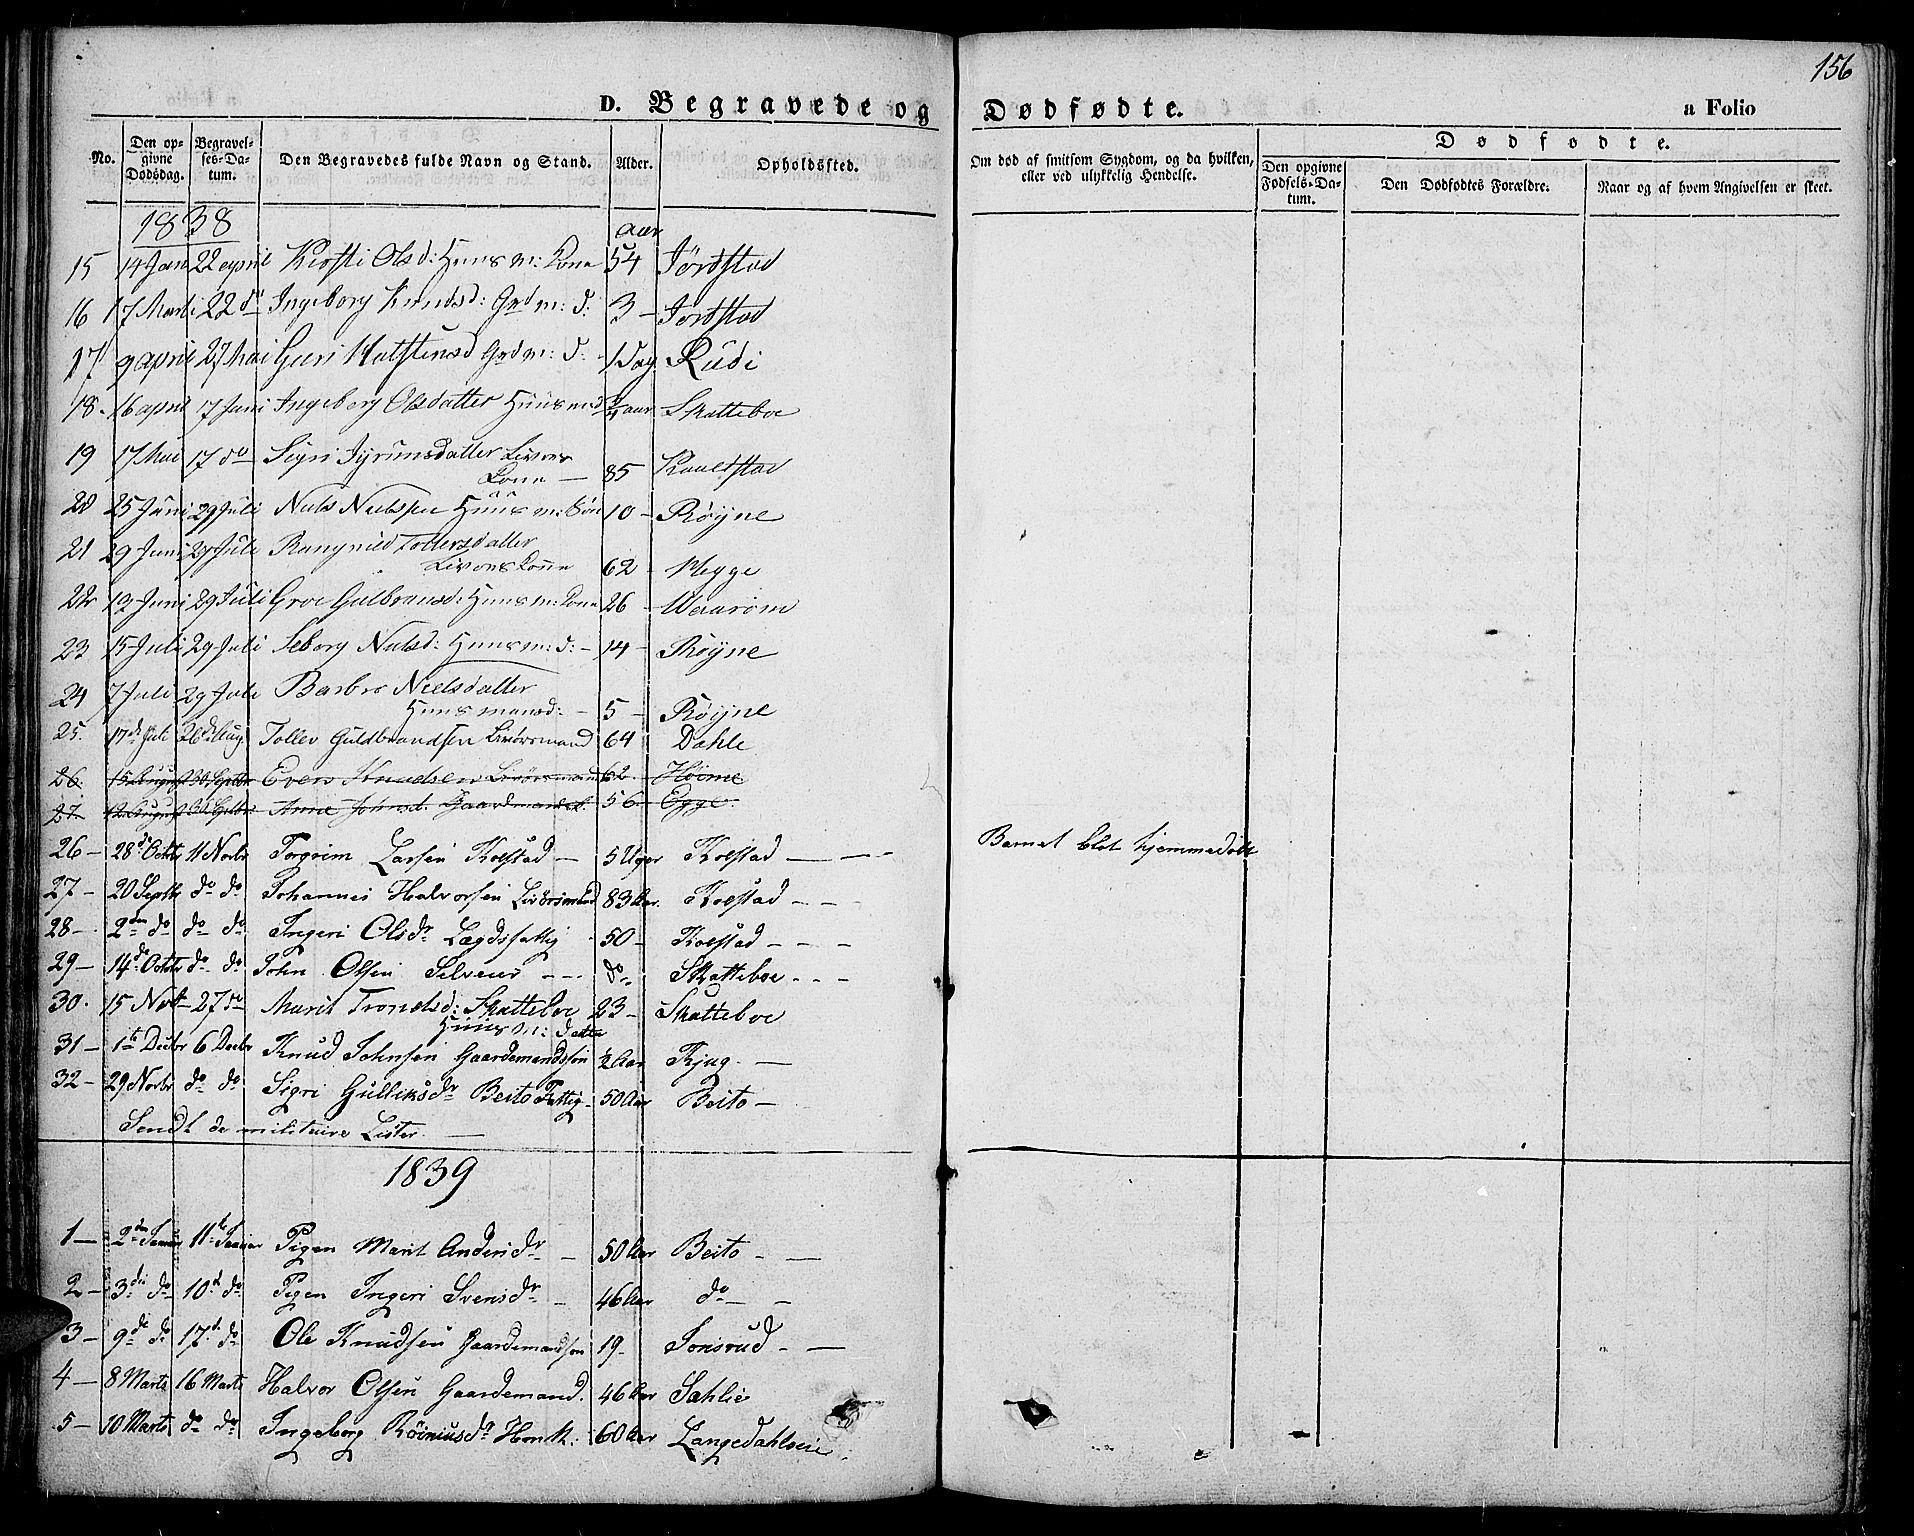 SAH, Slidre prestekontor, Ministerialbok nr. 4, 1831-1848, s. 156